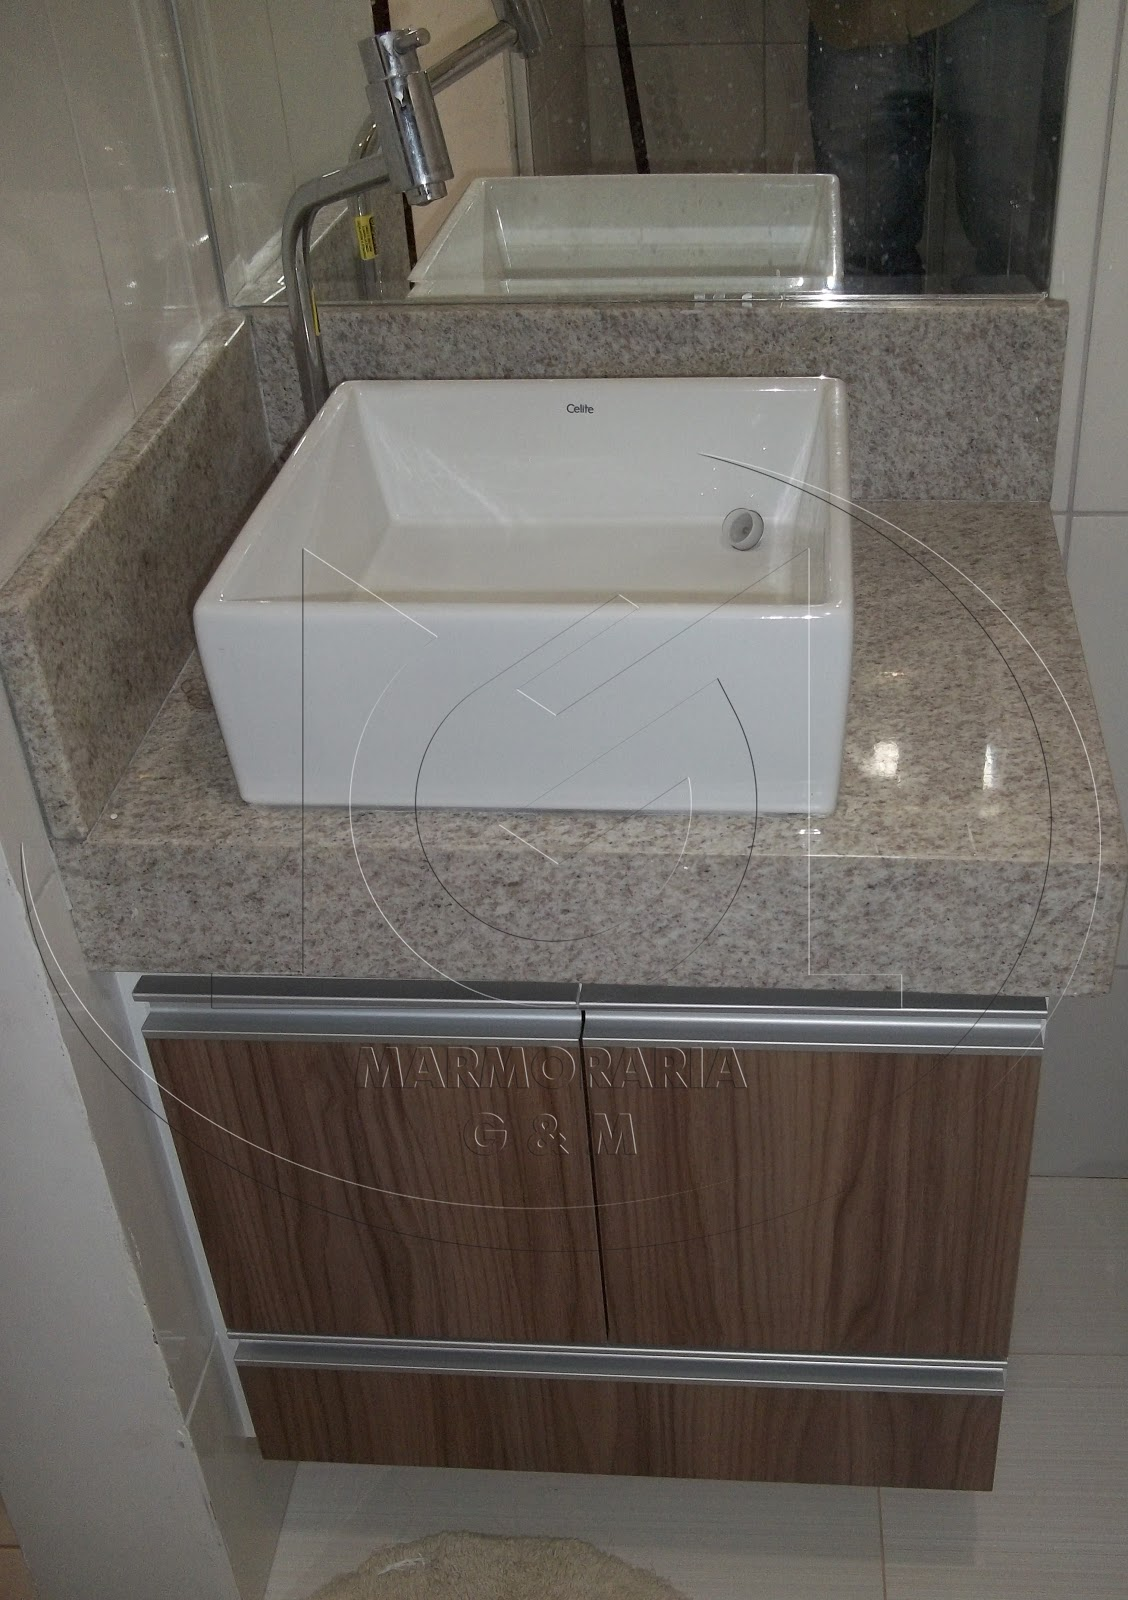 Lavatório em Granito Branco Siena Marmoraria Goiás e Minas #3F352E 1128x1600 Banheiro Com Granito Branco Siena